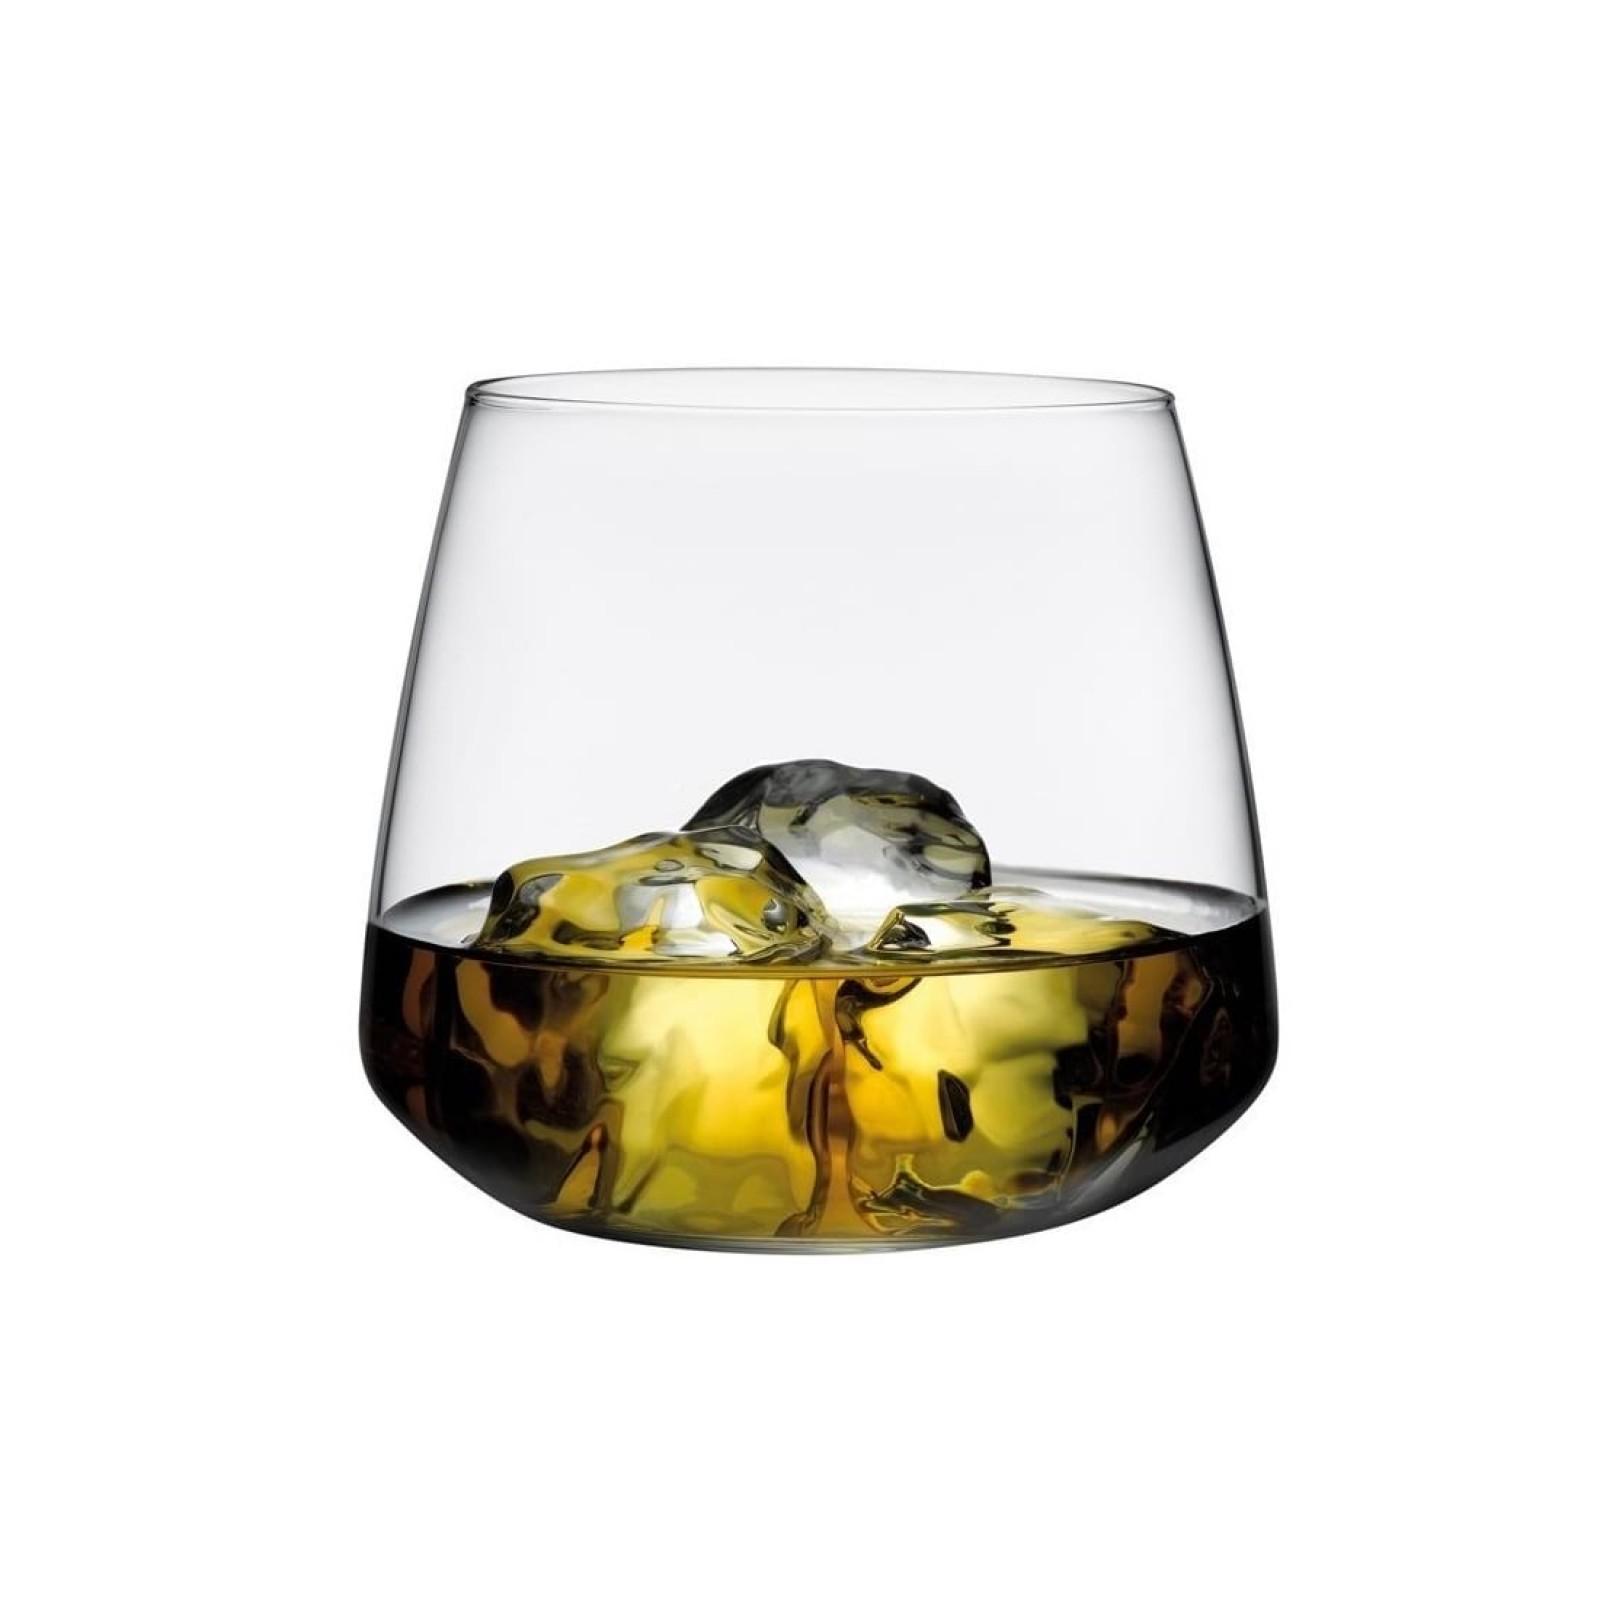 Ποτήρια Ουίσκι Mirage (Σετ των 4) - Nude Glass